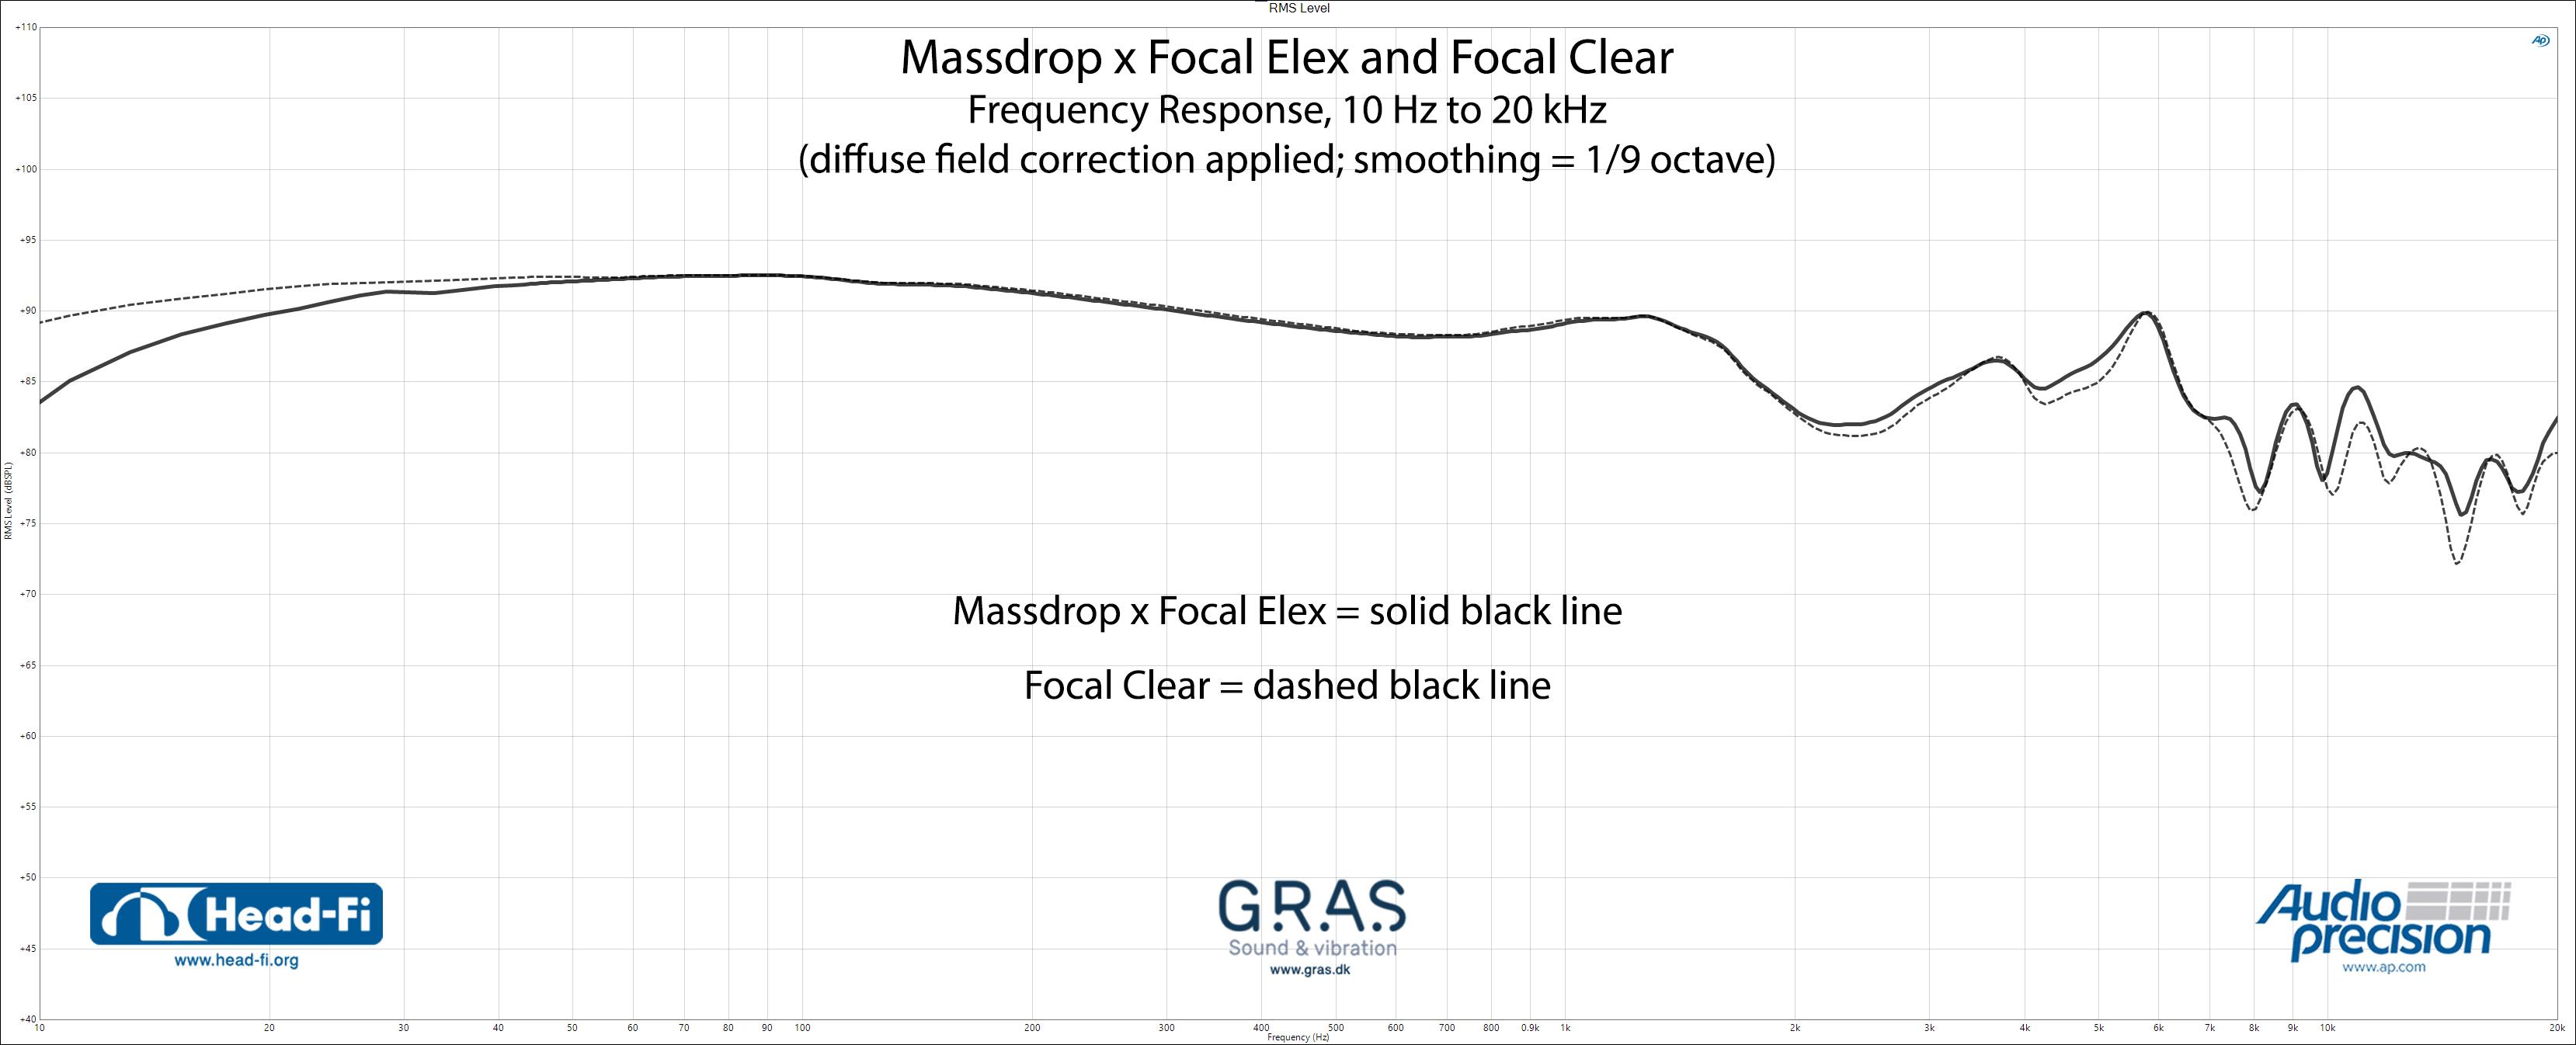 RMS-Level_1-9_DF_Massdrop-x-Focal-Elex_Focal-Clear_10-Hz-to-20-kHz.jpg